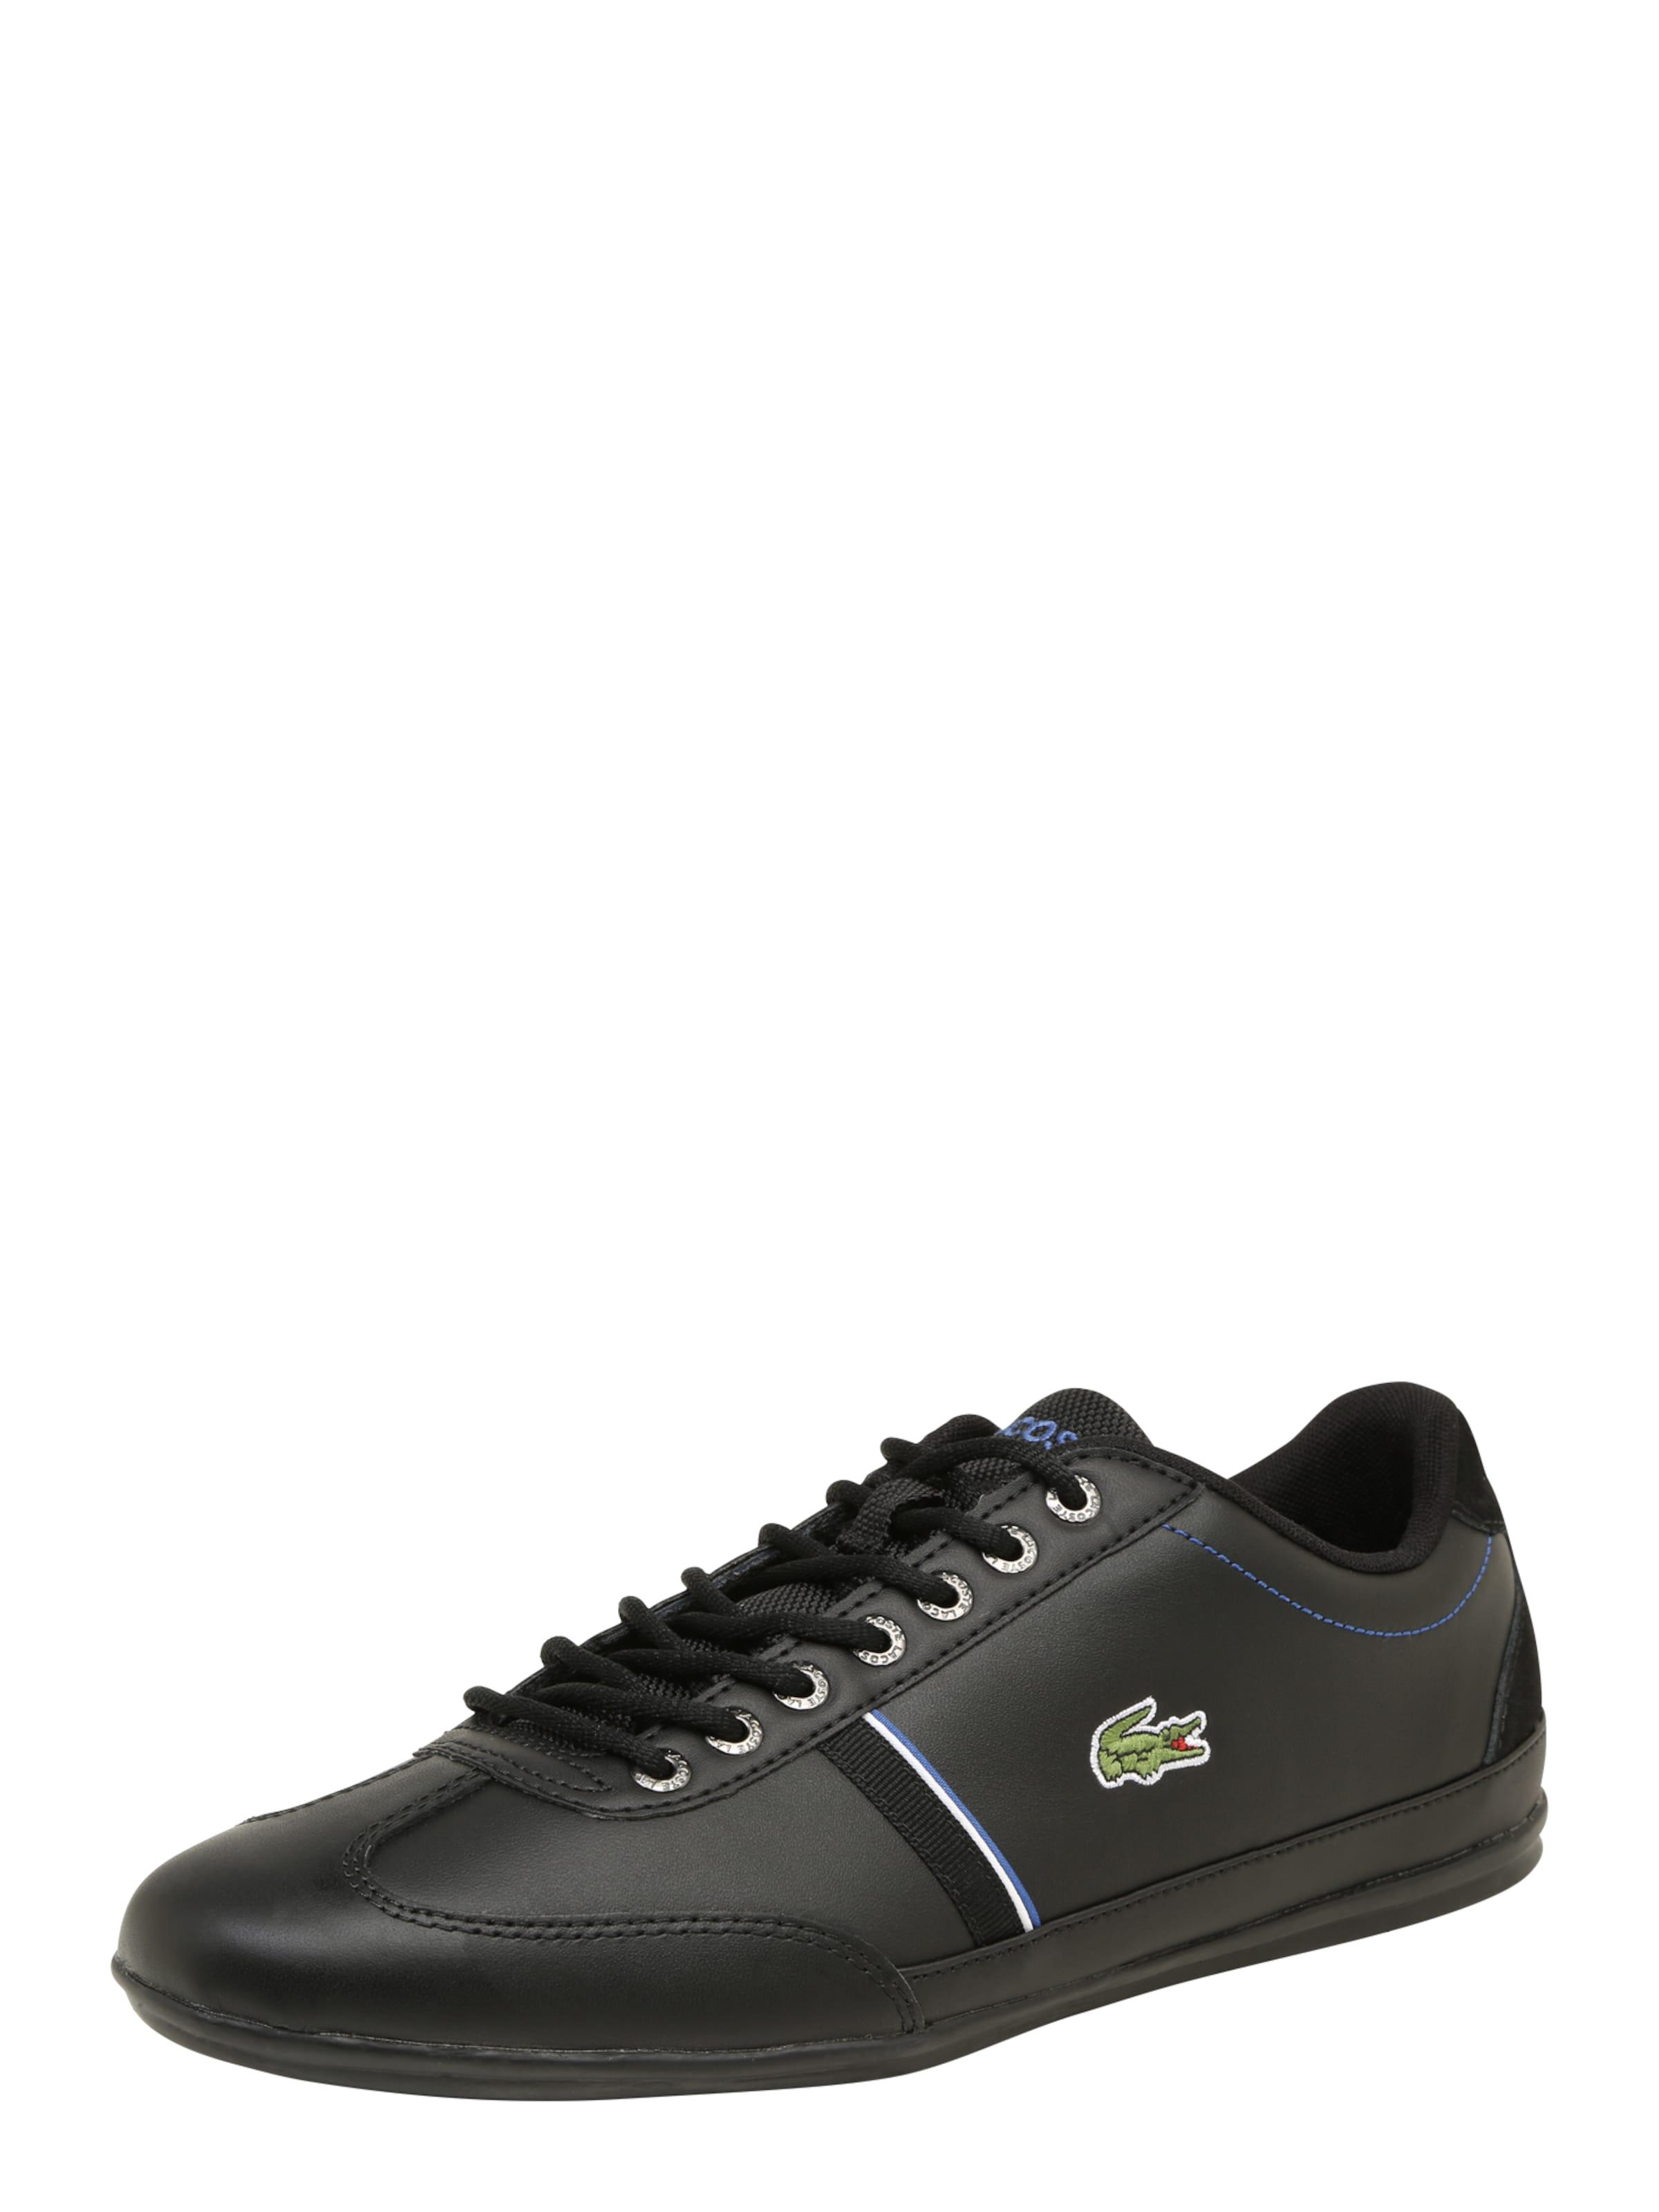 LACOSTE billige Sneaker MISANO SPORT Verschleißfeste billige LACOSTE Schuhe df278a